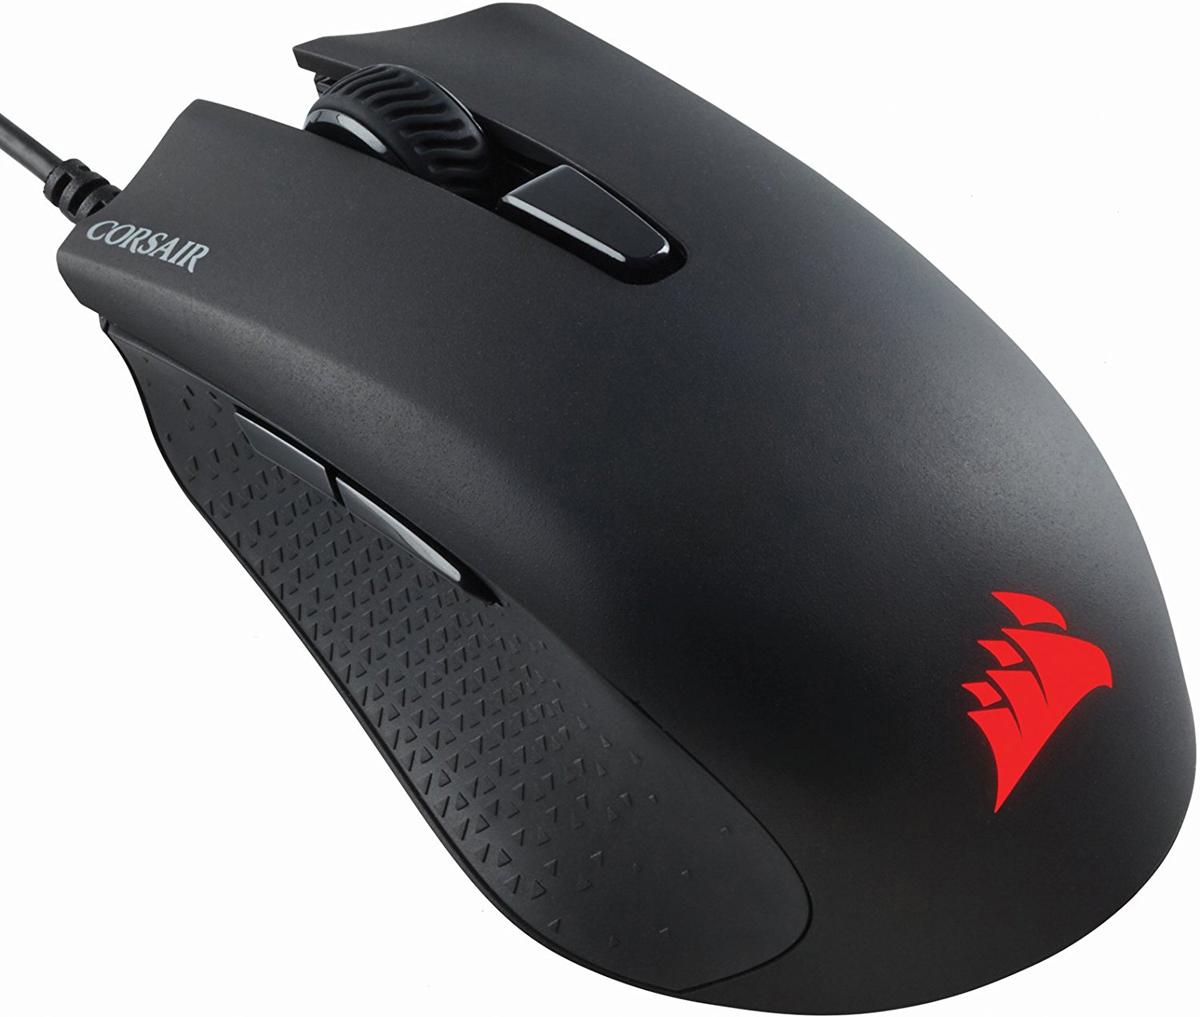 Corsair Gaming Mouse Harpoon RGB, Black игровая мышьCH-9301011-EUМышь Corsair Harpoon RGB создана для настоящих ценителей. Она оснащена оптическим игровым датчиком с разрешением 6000 точек на дюйм и усовершенствованной функцией отслеживания для точного управления, а также легкой конструкцией специальной формы, позволяющей улавливать самые быстрые движения.Усовершенствованный оптический игровой датчикИдеально подходящая для шутеров от первого лица, мышь Harpoon RGB оснащена оптическим игровым датчиком с разрешением 6000 точек на дюйм с усовершенствованной функцией отслеживания и высокой скоростью обнаружения движений для точного управления.Легкая конструкция специальной формыЕе конструкция обеспечивает удобное расположение в руке и возможность использования нескольких стилей удерживания мыши, а ее верхняя поверхность имеет приятное на ощупь текстурированное покрытие, которое предотвращает скольжение для максимального контроля. Компактный и легкий корпус позволит вам реагировать быстрее и меньше уставать со временем.Мышь не выскользнет у вас из рук при длительных или быстрых движениях, а также при ее подъеме. Текстурированные литые резиновые боковые контактные поверхности позволят вам надежно и уверенно удерживать мышь.Производительность без необходимости дополнительной настройкиПредварительная настройка для наилучшей производительности. Никаких драйверов, программного обеспечения или дополнительной настройки не требуется. Настраивайте уровни разрешения и берите мышь с собой, зная, что все настройки надежно сохранены во встроенной памяти мыши. Частота опроса 1000 Гц максимально использует возможности протокола USB, обеспечивая отсутствие задержек и высочайшую скорость отклика.Возможности индивидуальной настройки у вас под рукойИнтеллектуальная подсветка позволяет настолько точно настроить мышь Harpoon RGB под свои потребности, что она станет продолжением вашей руки. Наслаждайтесь практически безграничными возможностями настройки цветовых эффектов и эффектов подсветки.